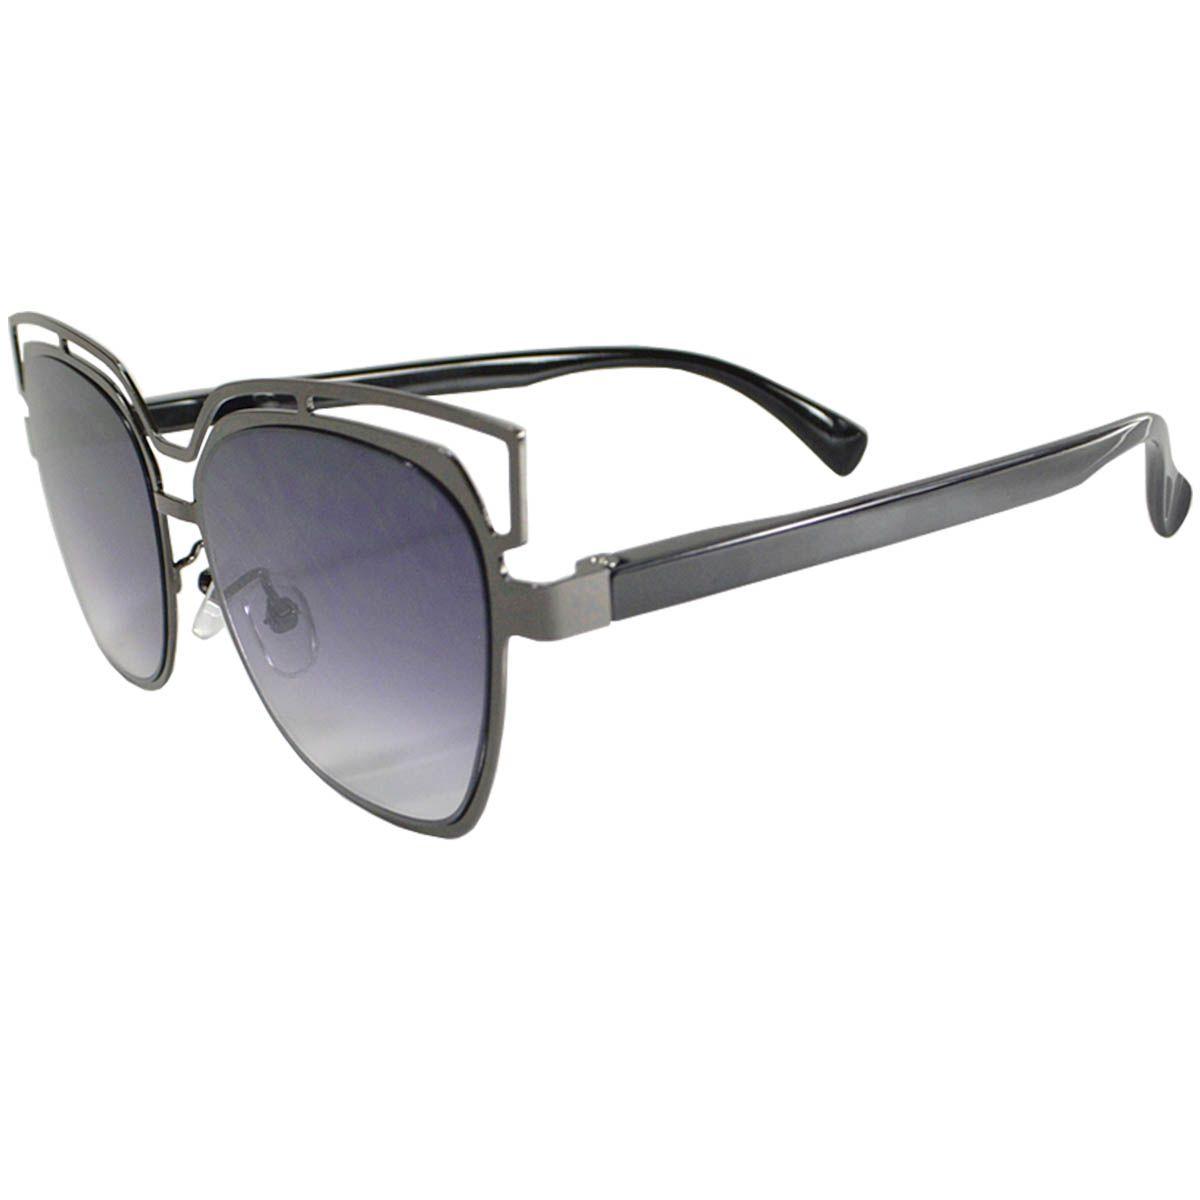 09048d56d Óculos de sol MACKAGE BRASIL | Comprar Óculos de Sol Online é Aqui ...